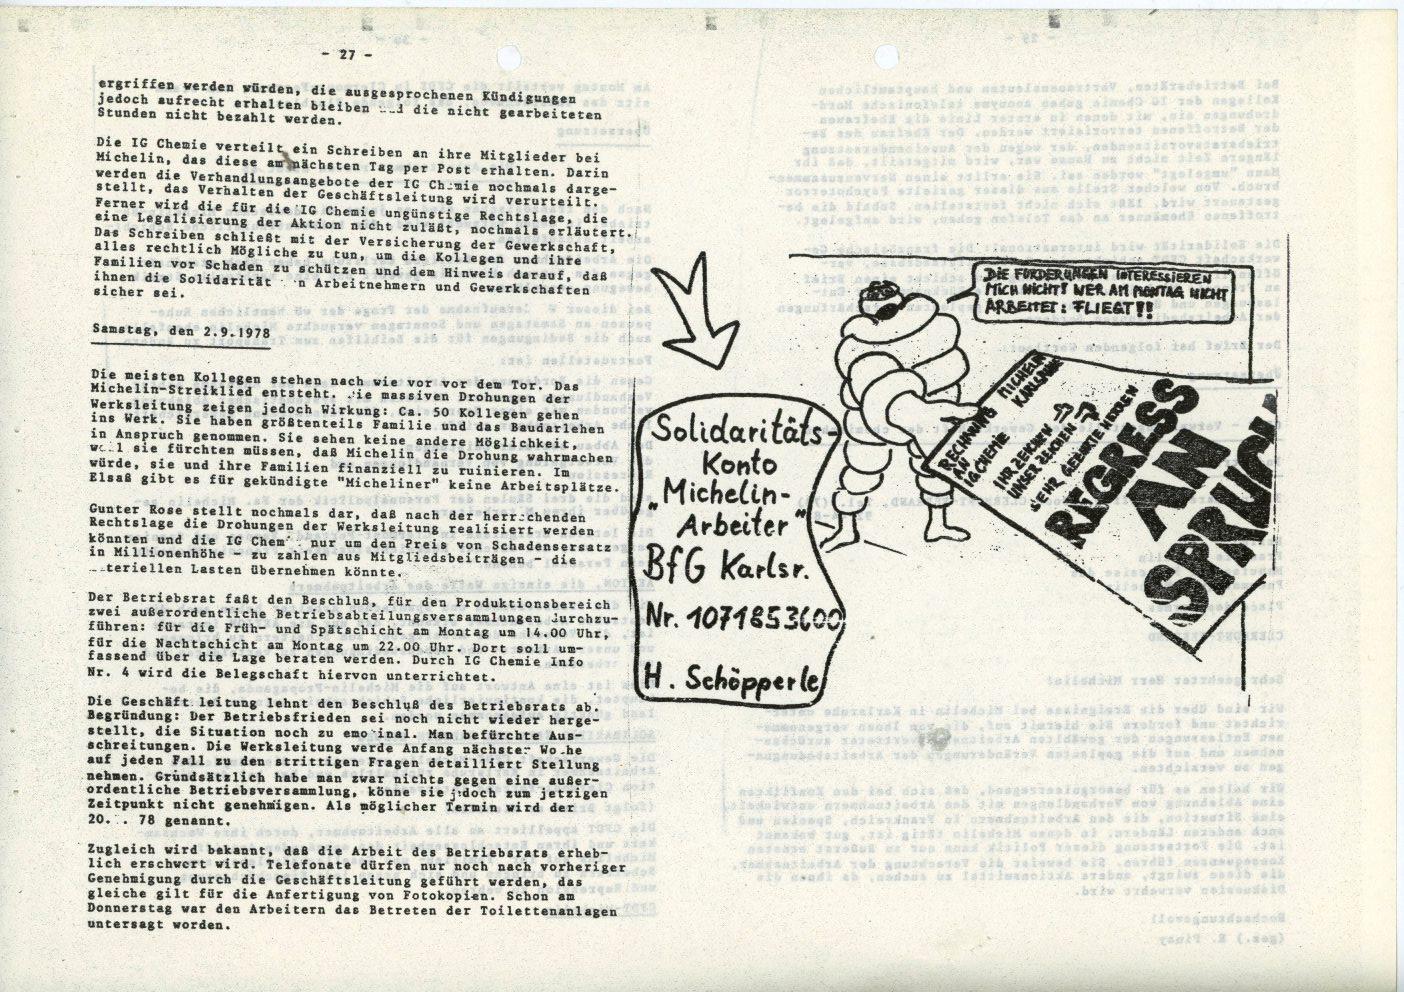 Karlsruhe_Michelin_IGCPK_Doku_zum_Arbeitskonflikt_1978_14